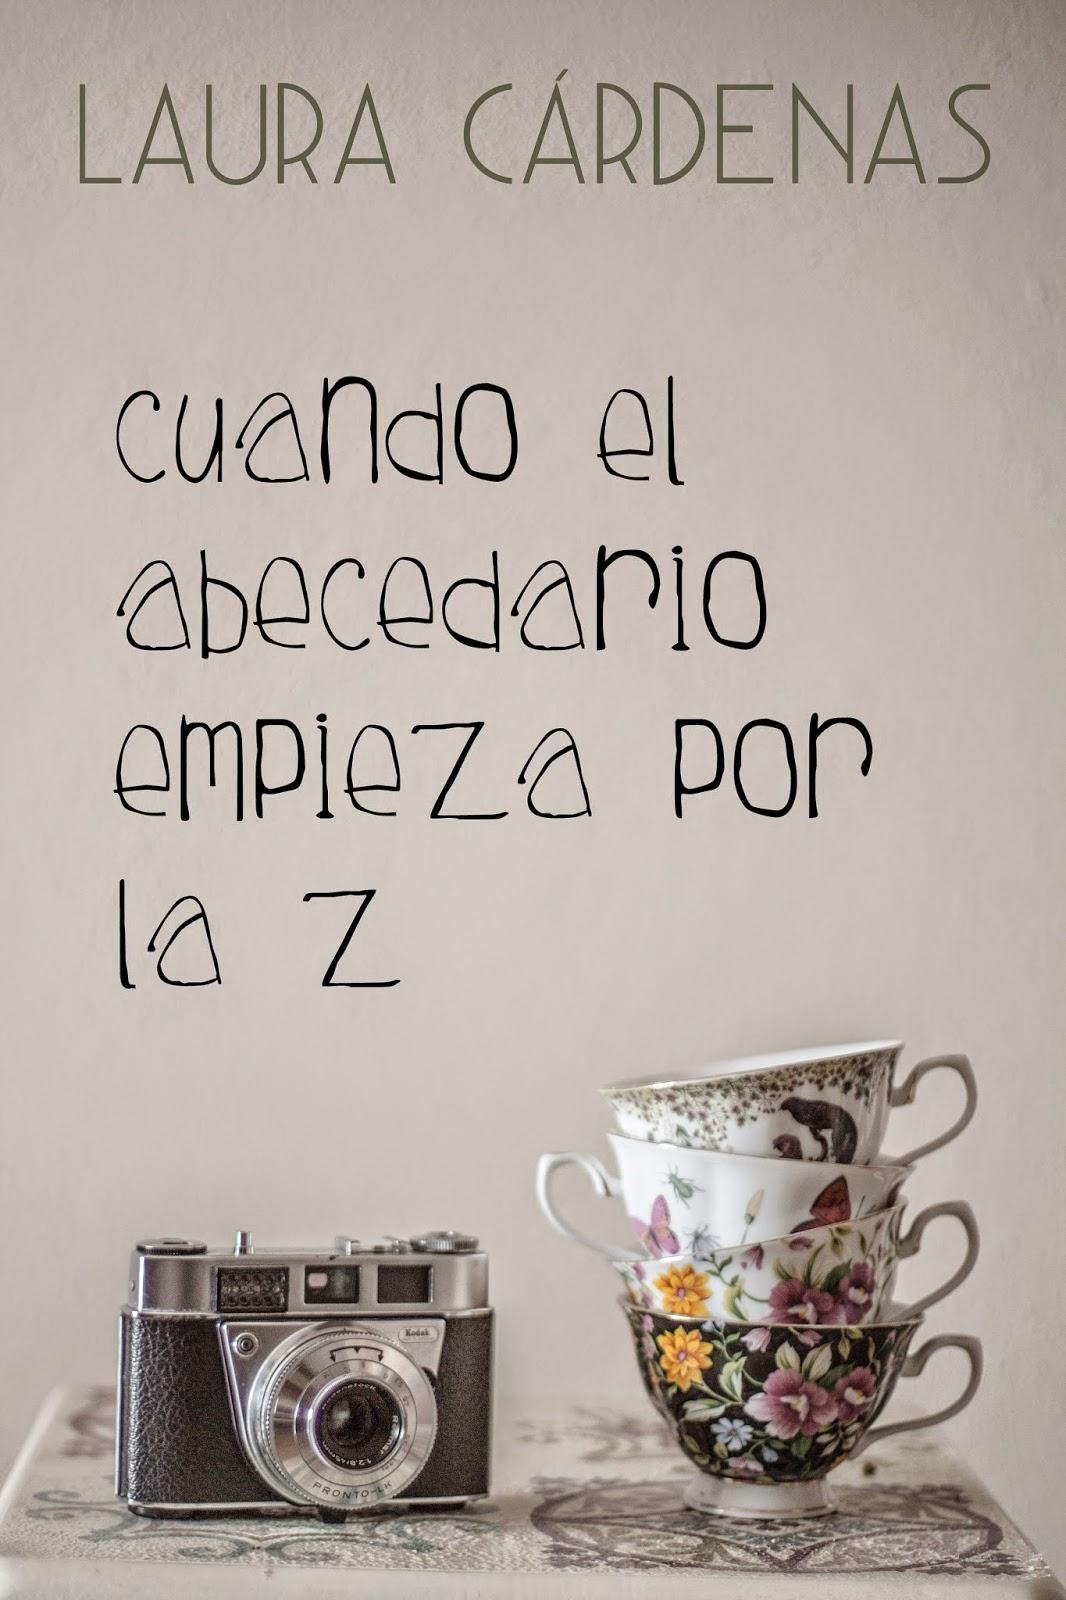 http://www.amazon.es/Cuando-abecedario-empieza-Laura-Cárdenas-ebook/dp/B00LJ71NVS